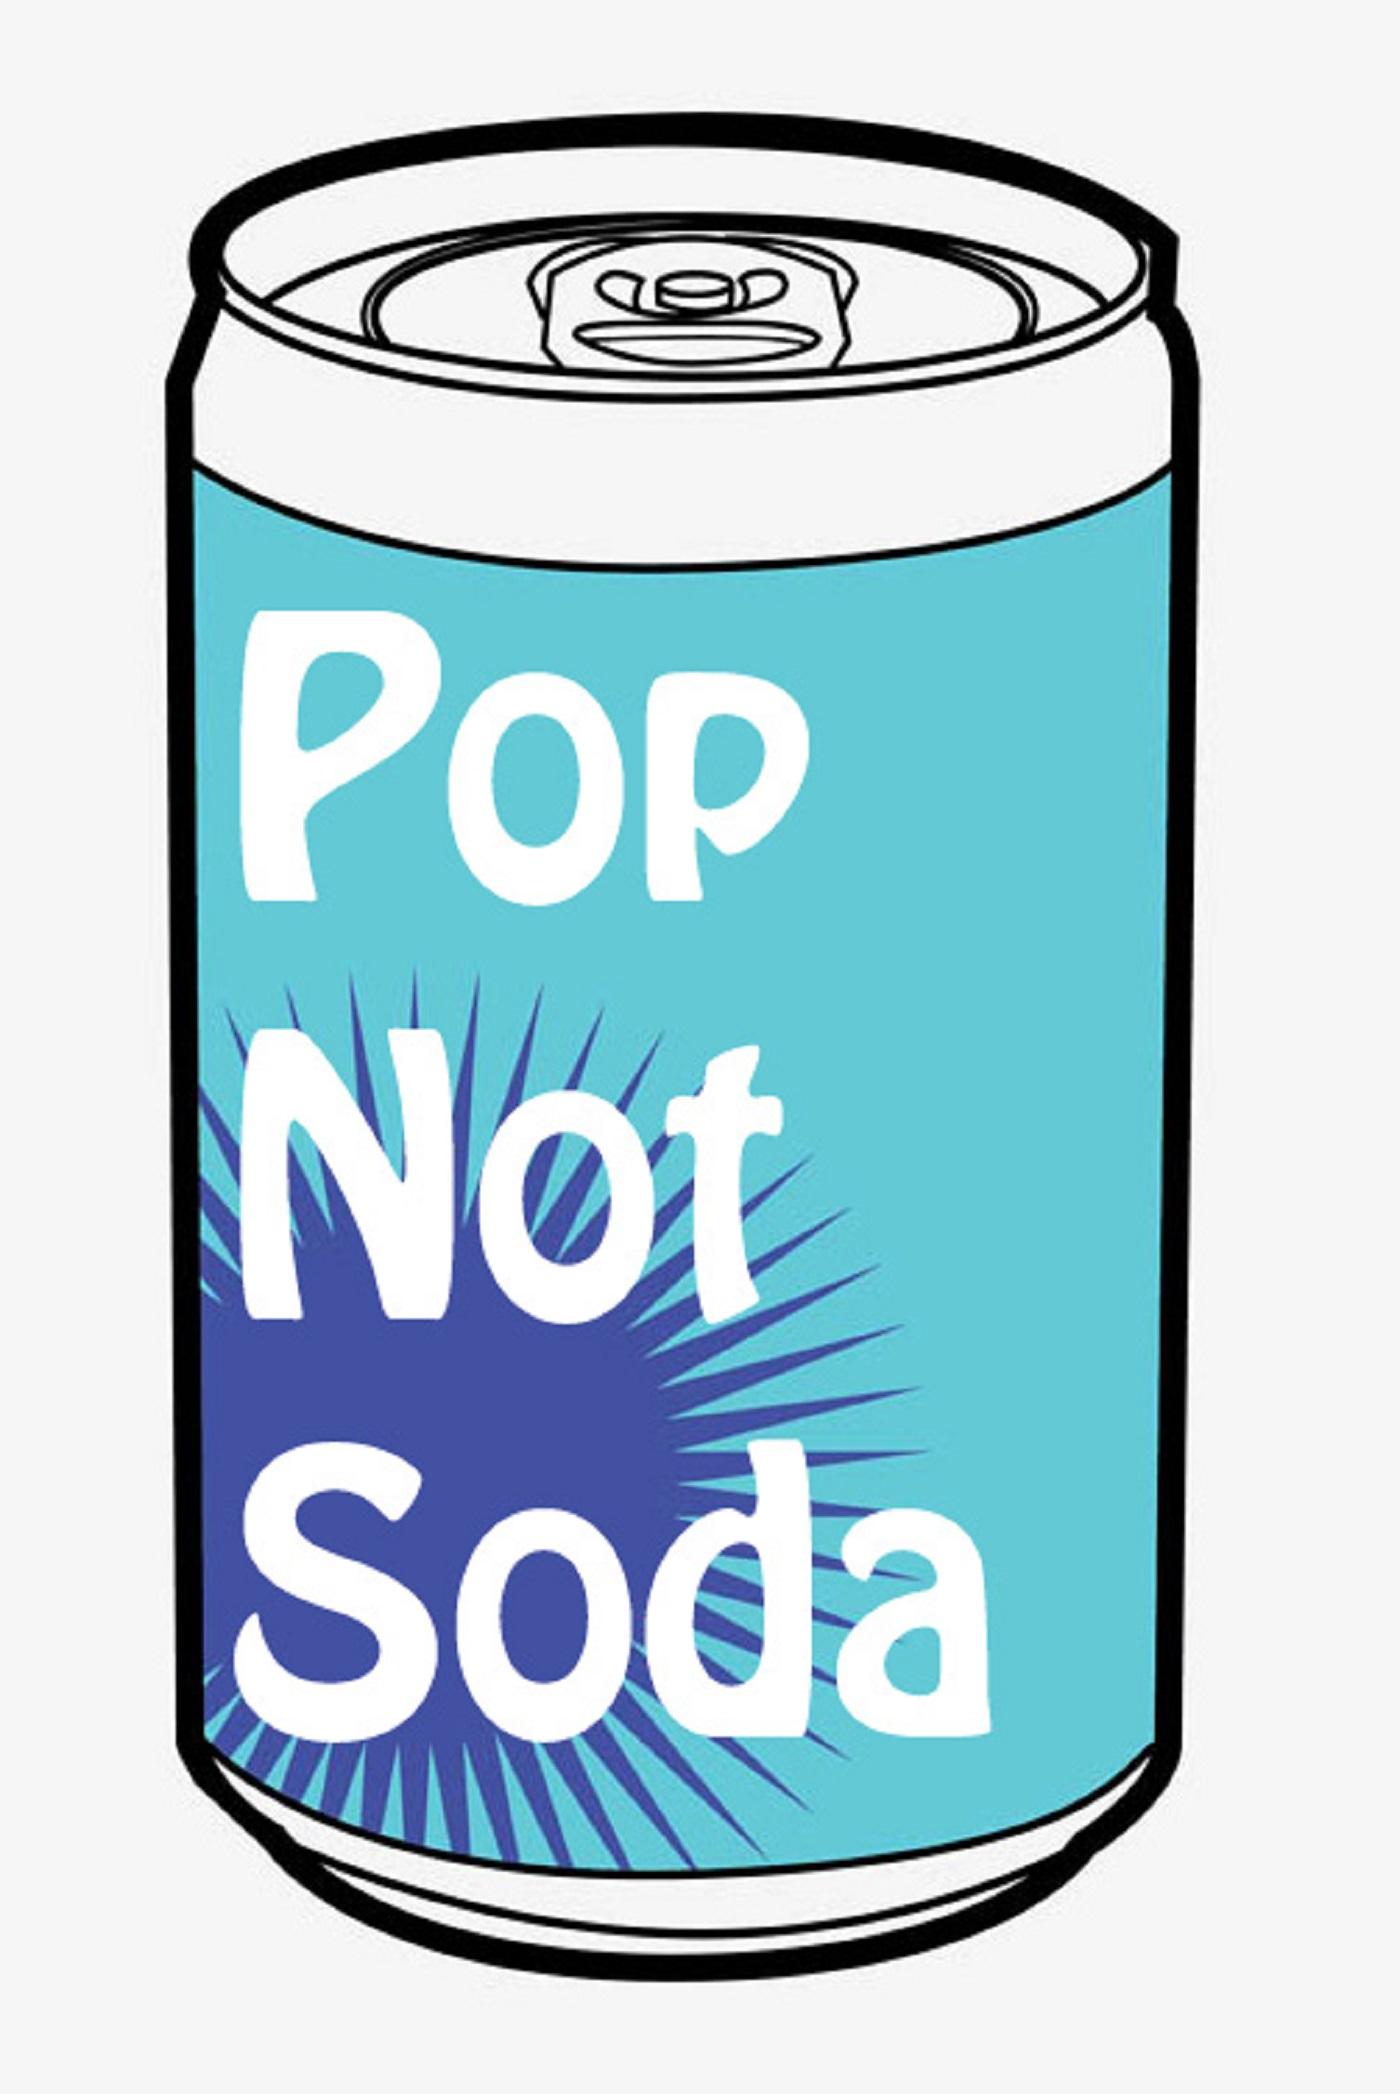 Pop NotSoda